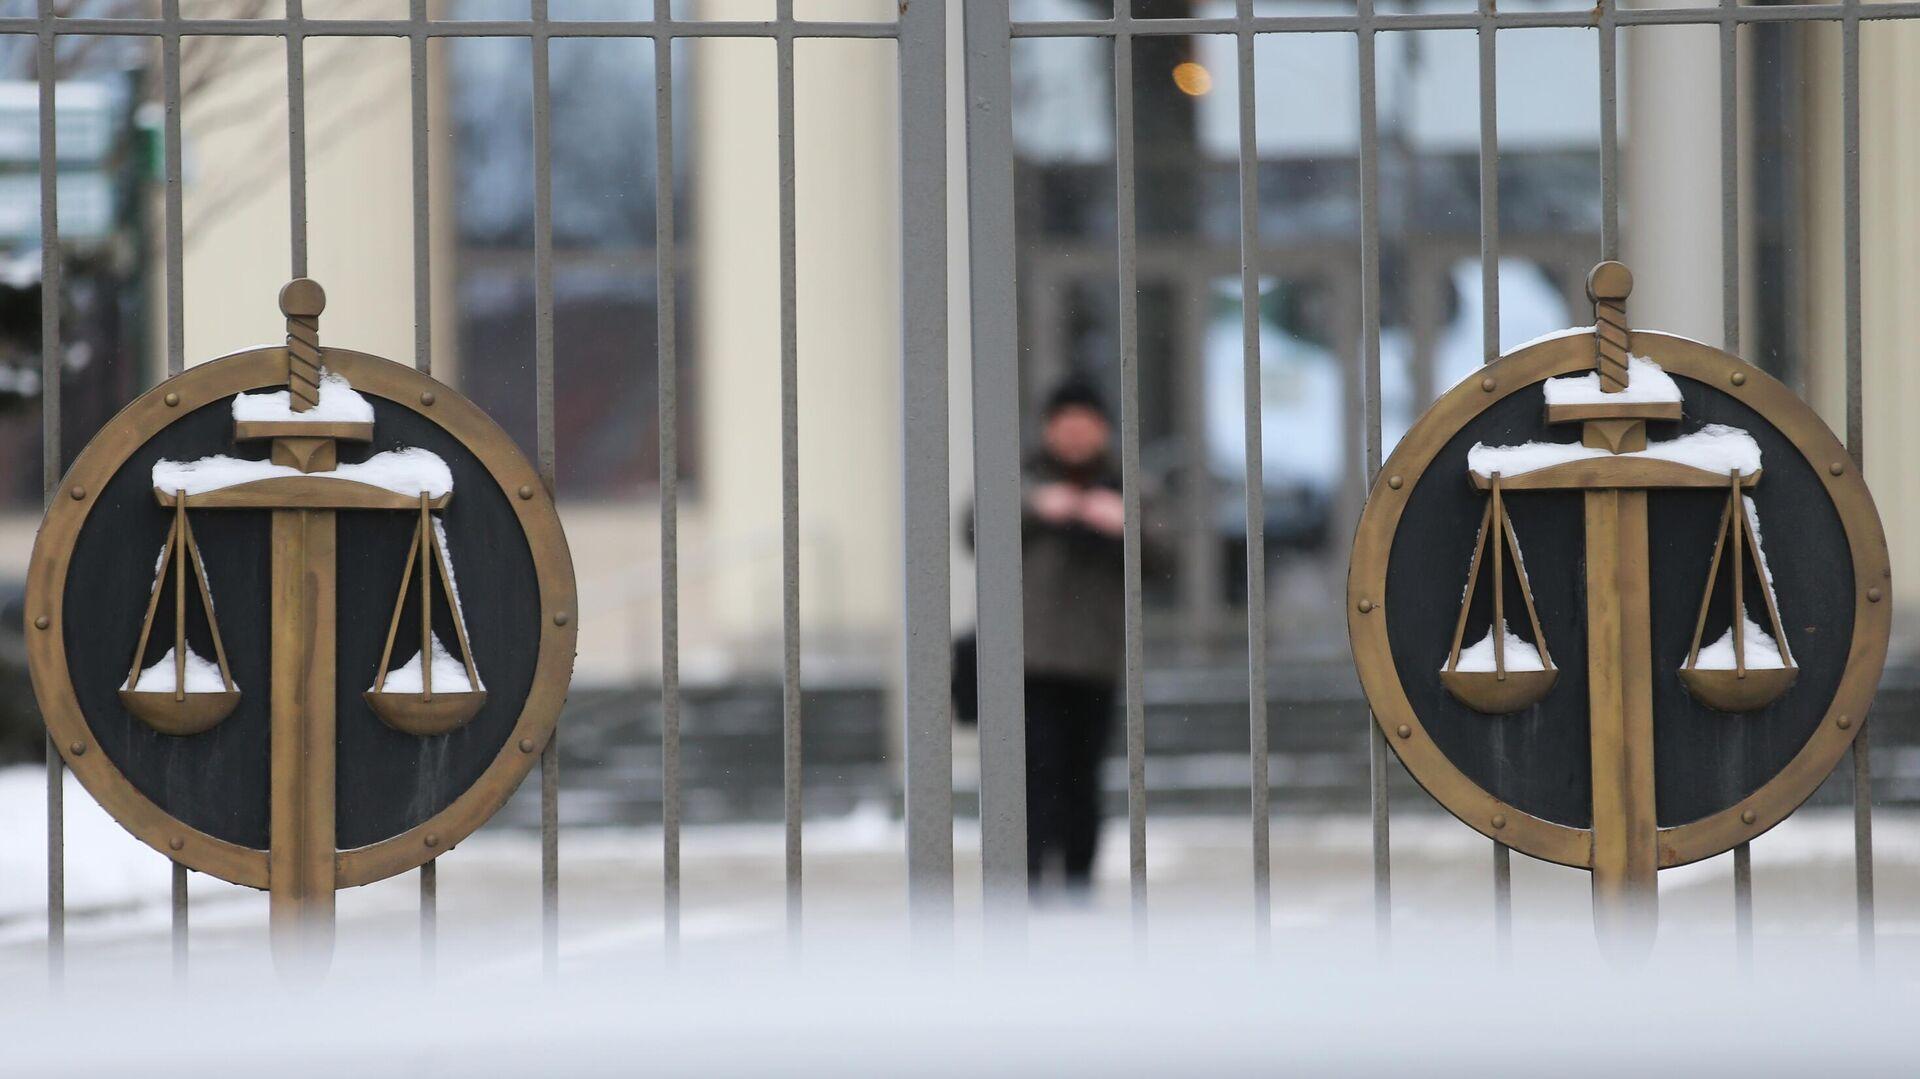 Решетка перед зданием Московского городского суда - РИА Новости, 1920, 05.03.2021